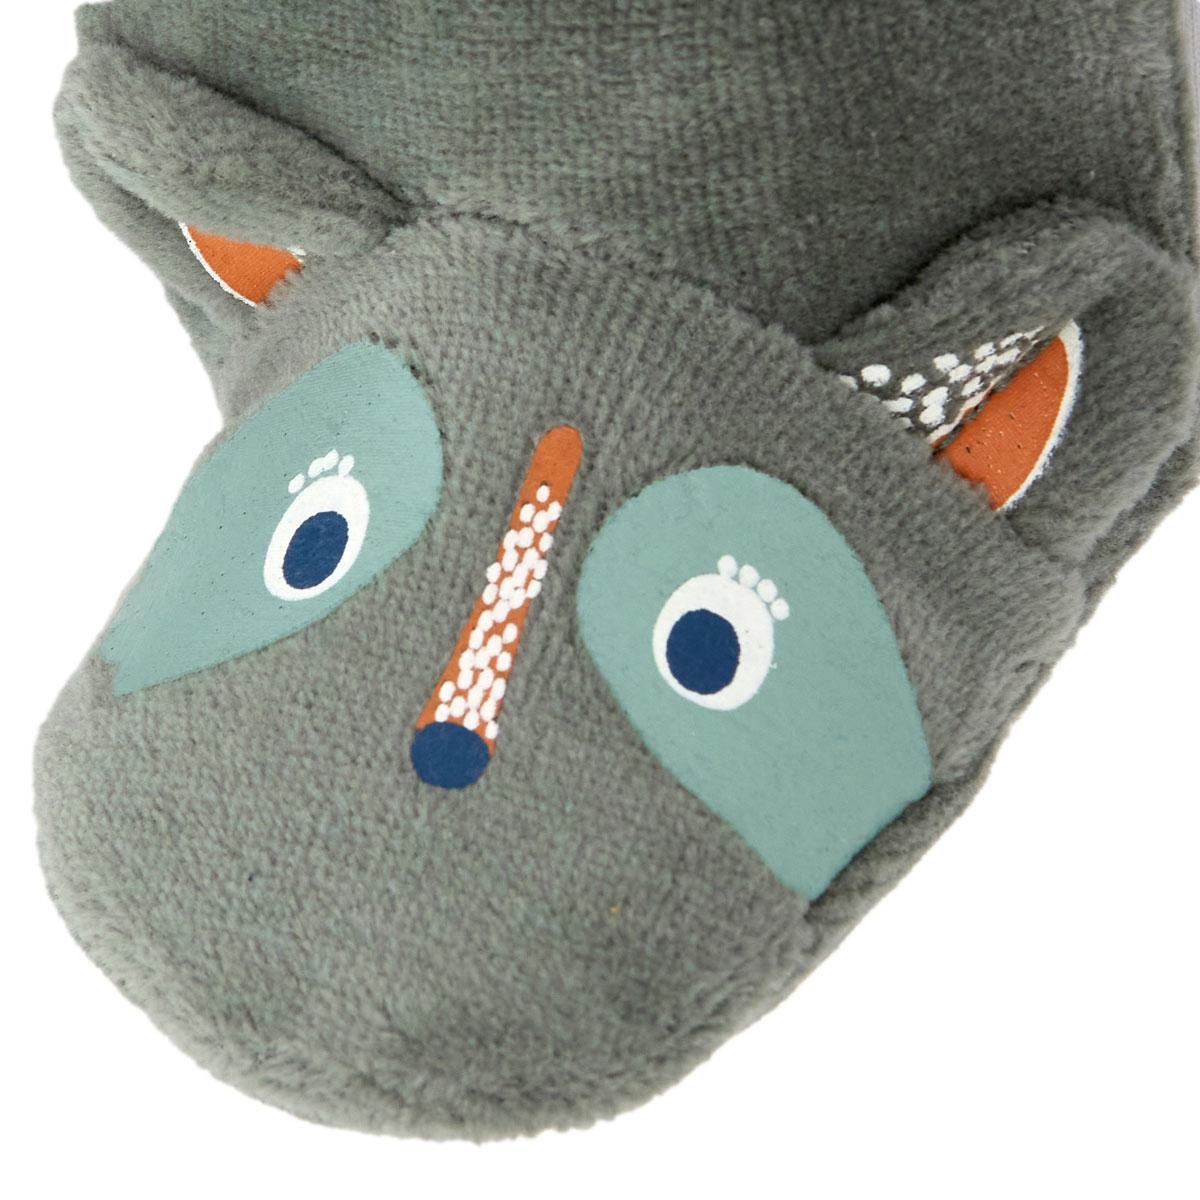 Pyjama bébé en velours contenant du coton bio Noisette pied